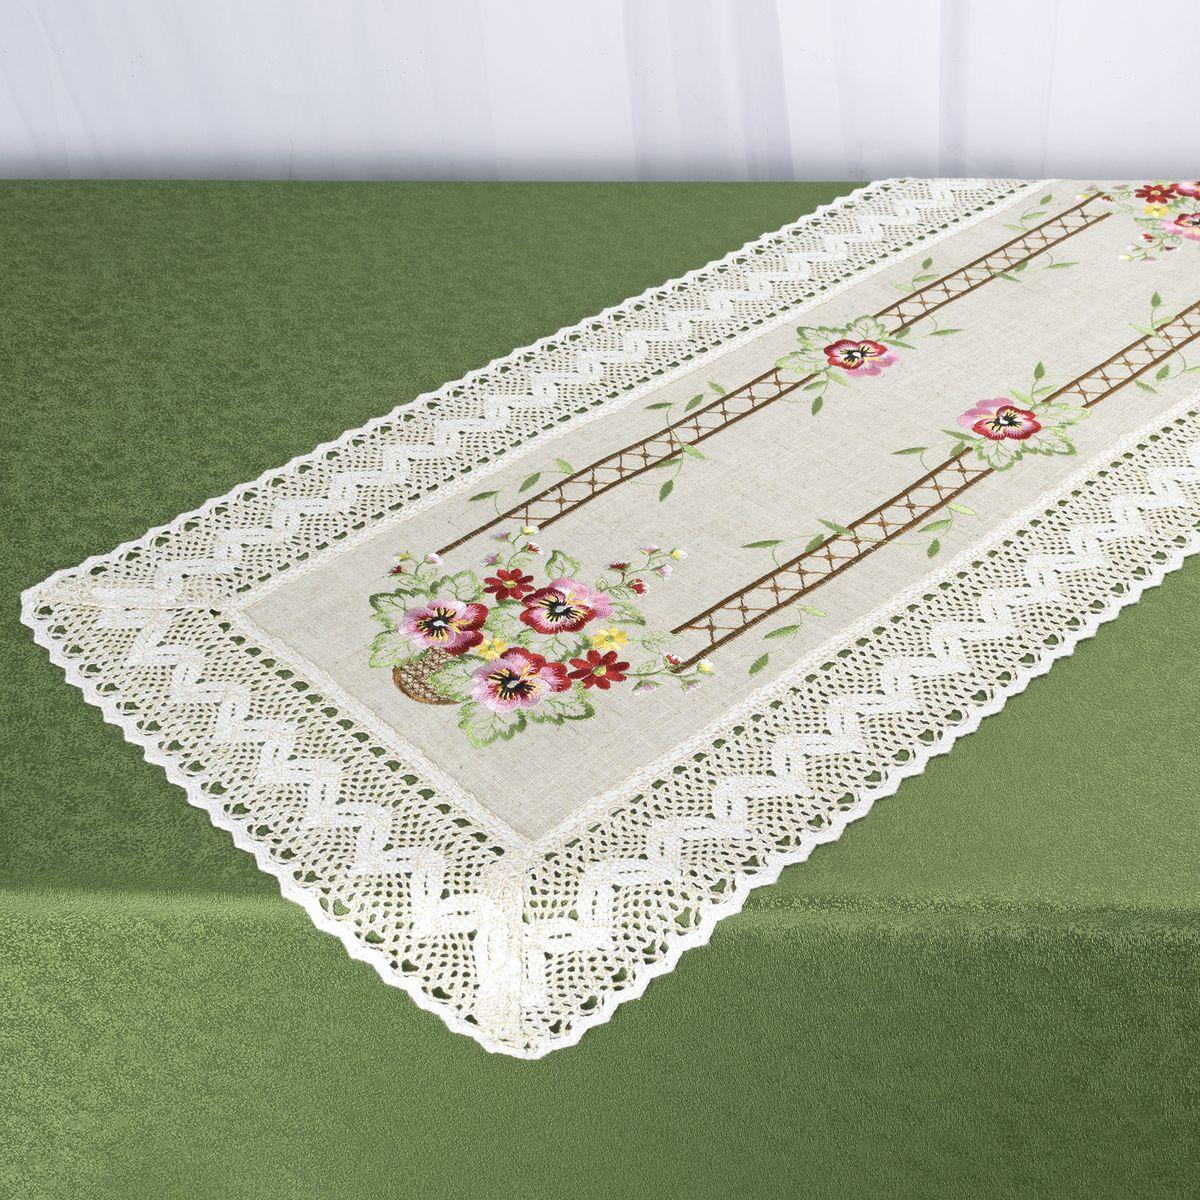 Дорожка для декорирования стола Schaefer, 40 x 90 см, цвет: белый. 07702-200BM1499MACARON_AДорожка для декорирования стола Schaefer может быть использована, как основной элемент, так и дополнение для создания уюта и романтического настроения.Дорожка выполнена из полиэстера. Изделие легко стирать: оно не мнется, не садится и быстро сохнет, более долговечно, чем изделие из натуральных волокон.Материал: 100% полиэстер.Размер: 40 x 90 см.